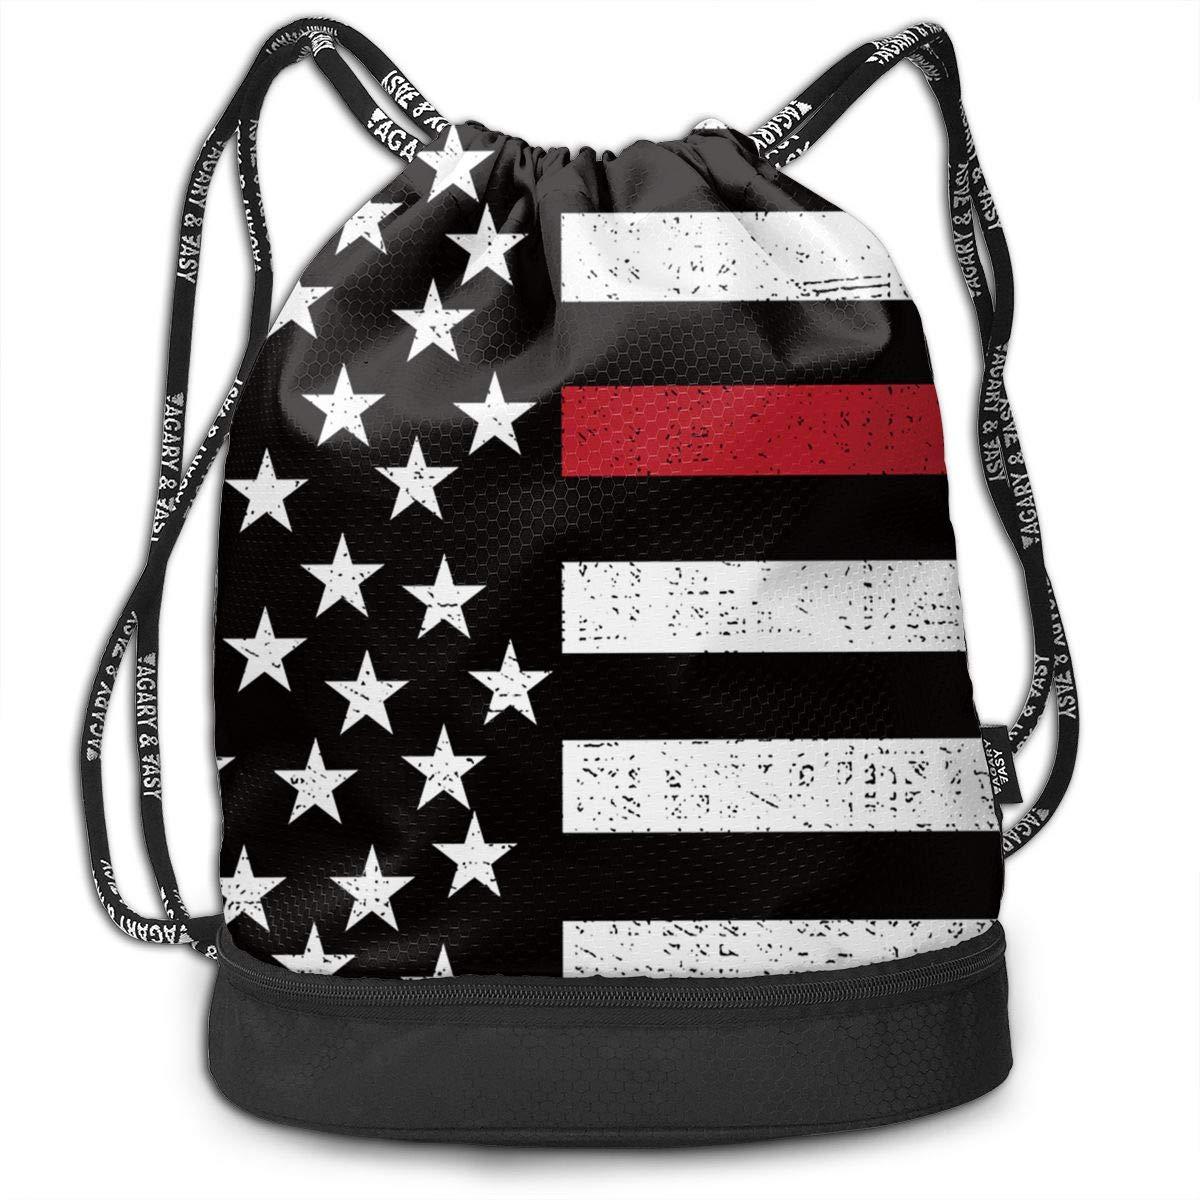 HUOPR5Q Flowers Valentines Day Drawstring Backpack Sport Gym Sack Shoulder Bulk Bag Dance Bag for School Travel